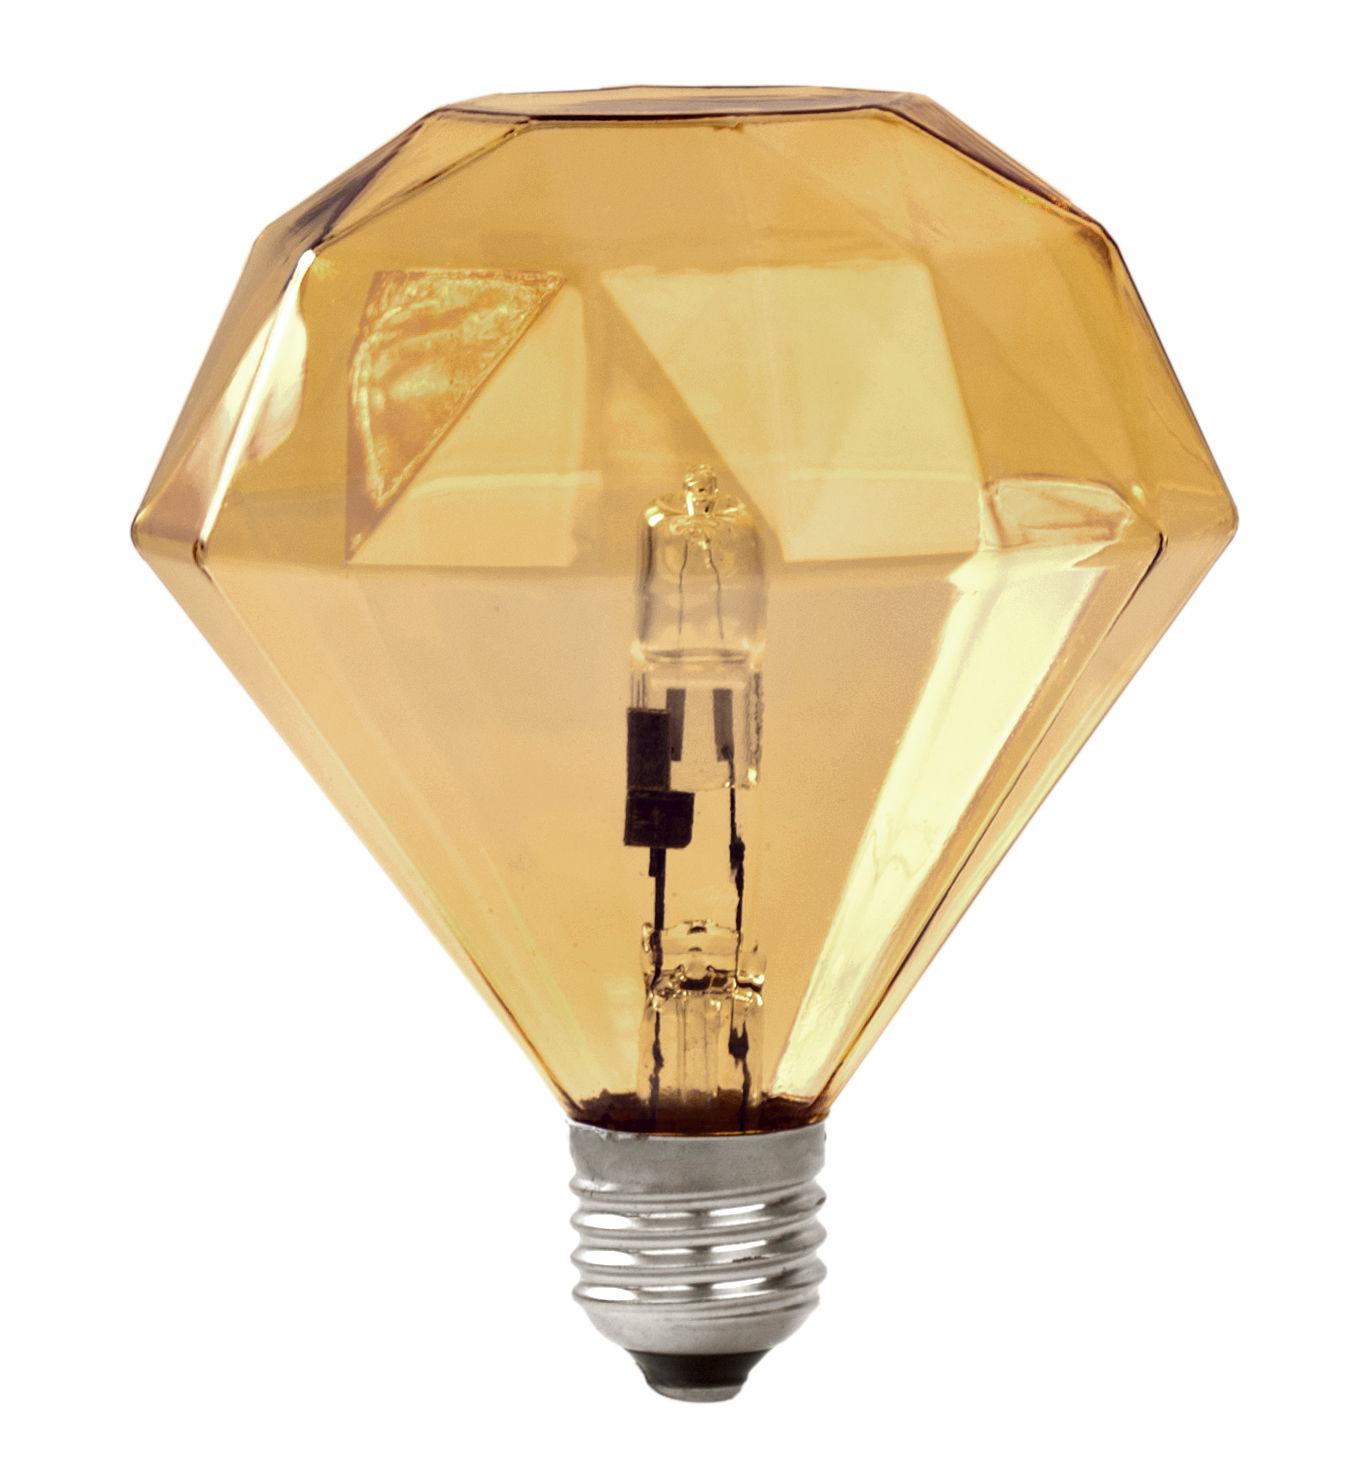 Illuminazione - Lampadine e Accessori - Lampadina Diamond Light / E27 alogena - Frama - Pop Corn - Ambra - Vetro